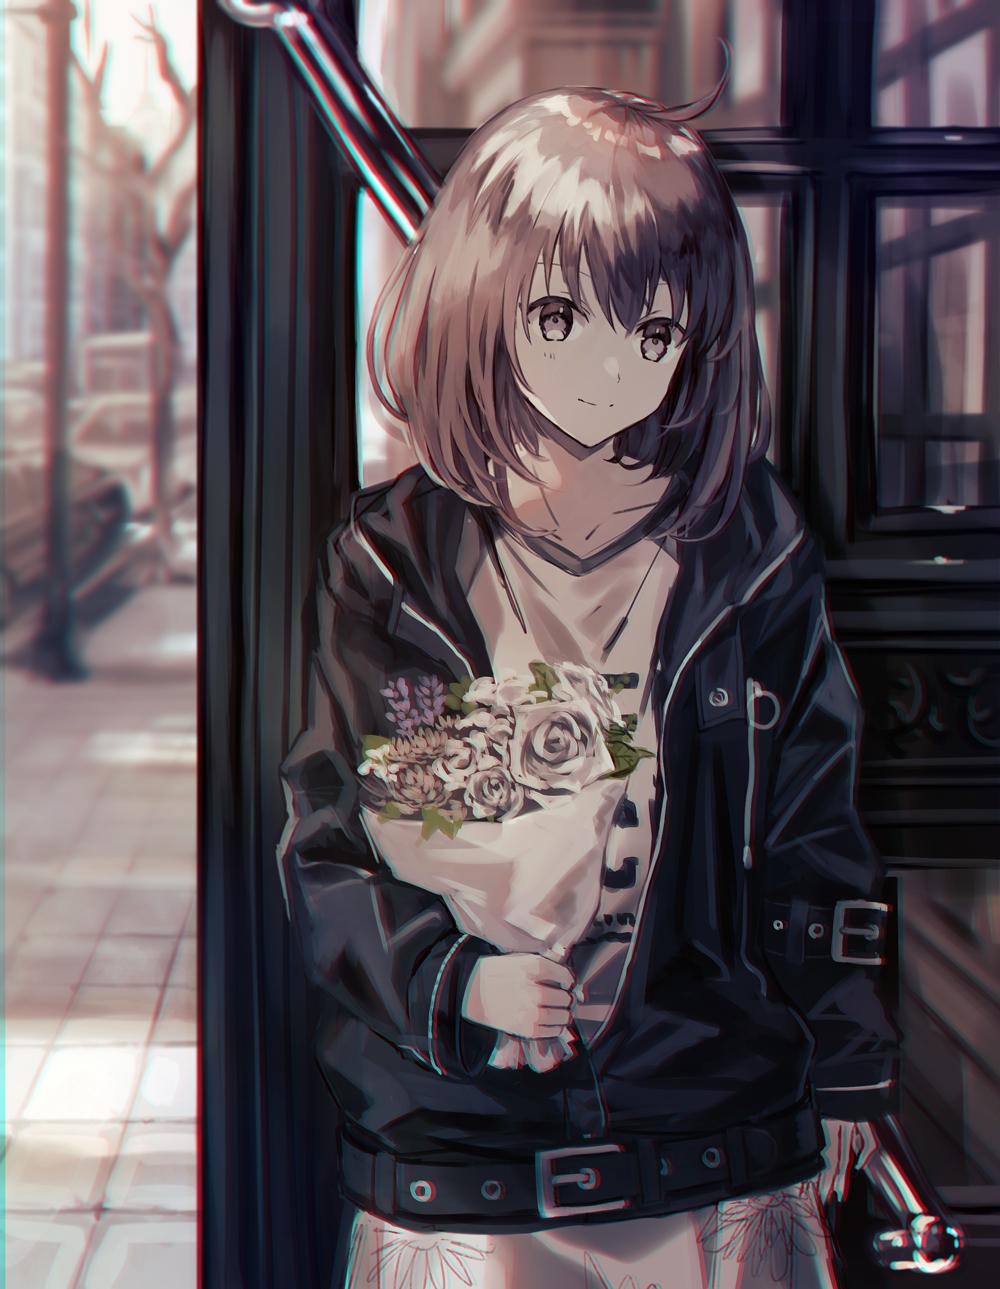 Közzétéve itt AnimeSlice of Life (⁄ ⁄•⁄ω⁄•⁄ ⁄)